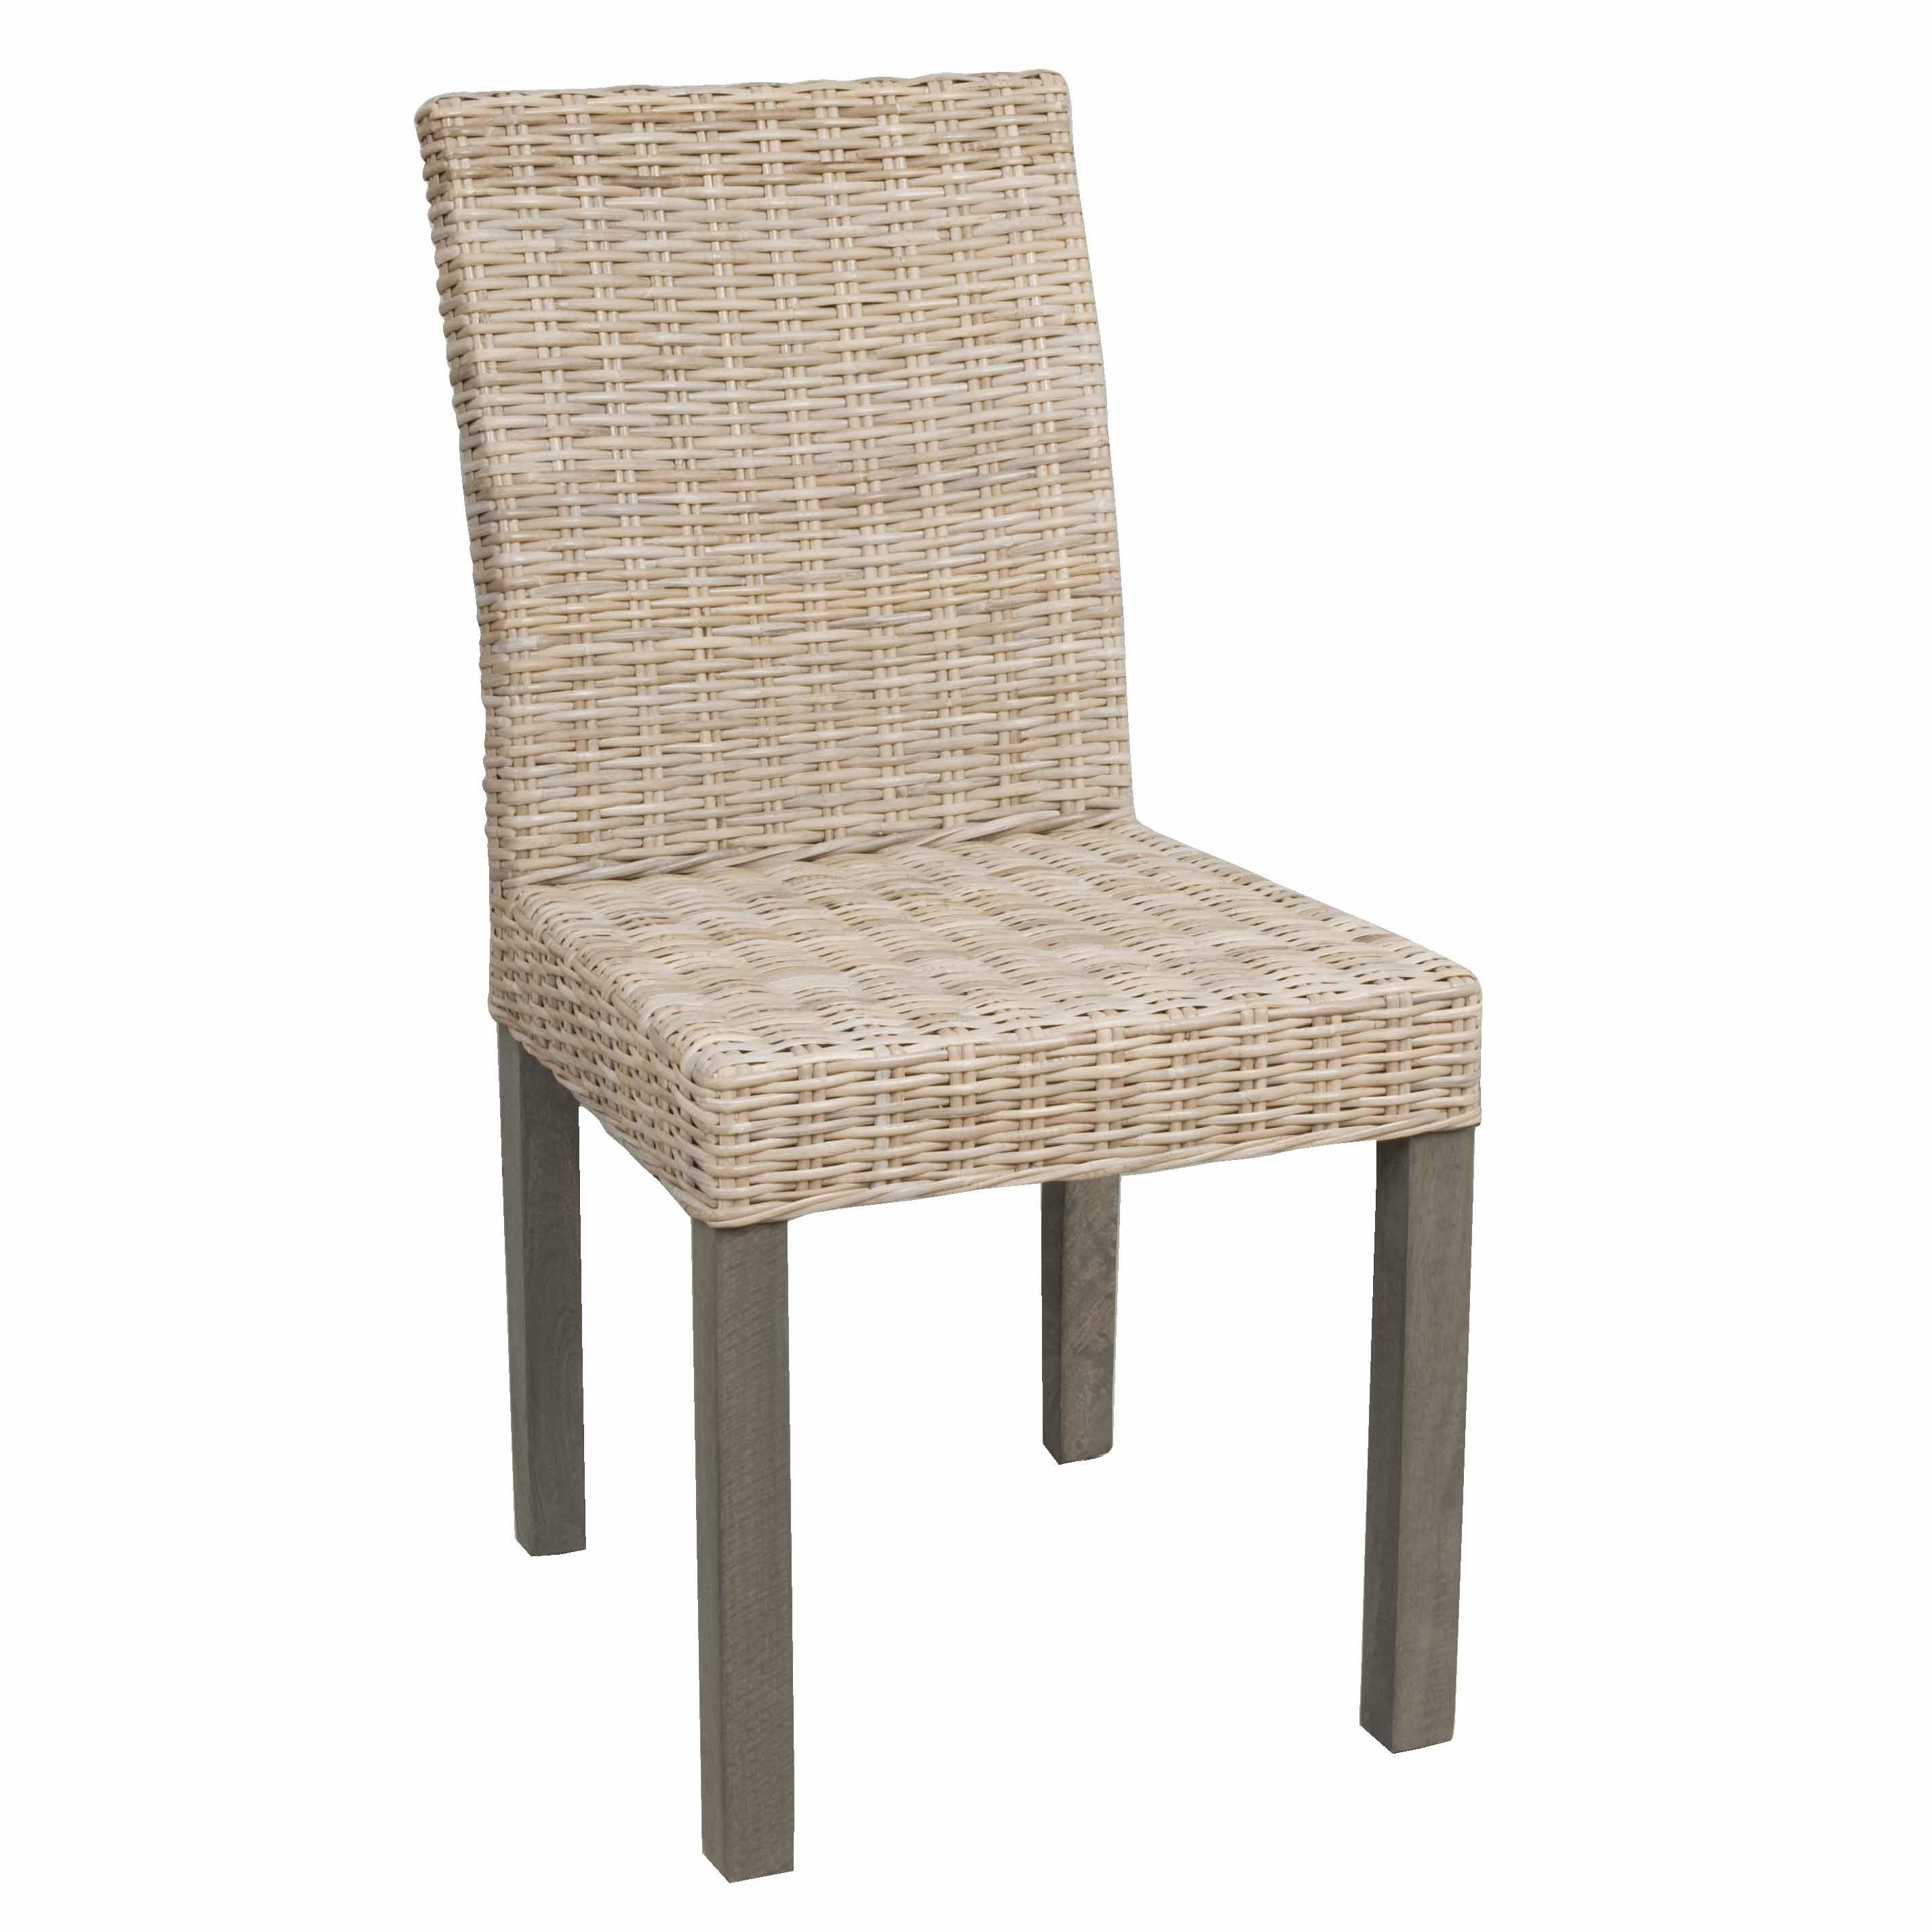 clayre eef 5ro0027g breiter rattanstuhl ohne armlehne in hellbraun. Black Bedroom Furniture Sets. Home Design Ideas